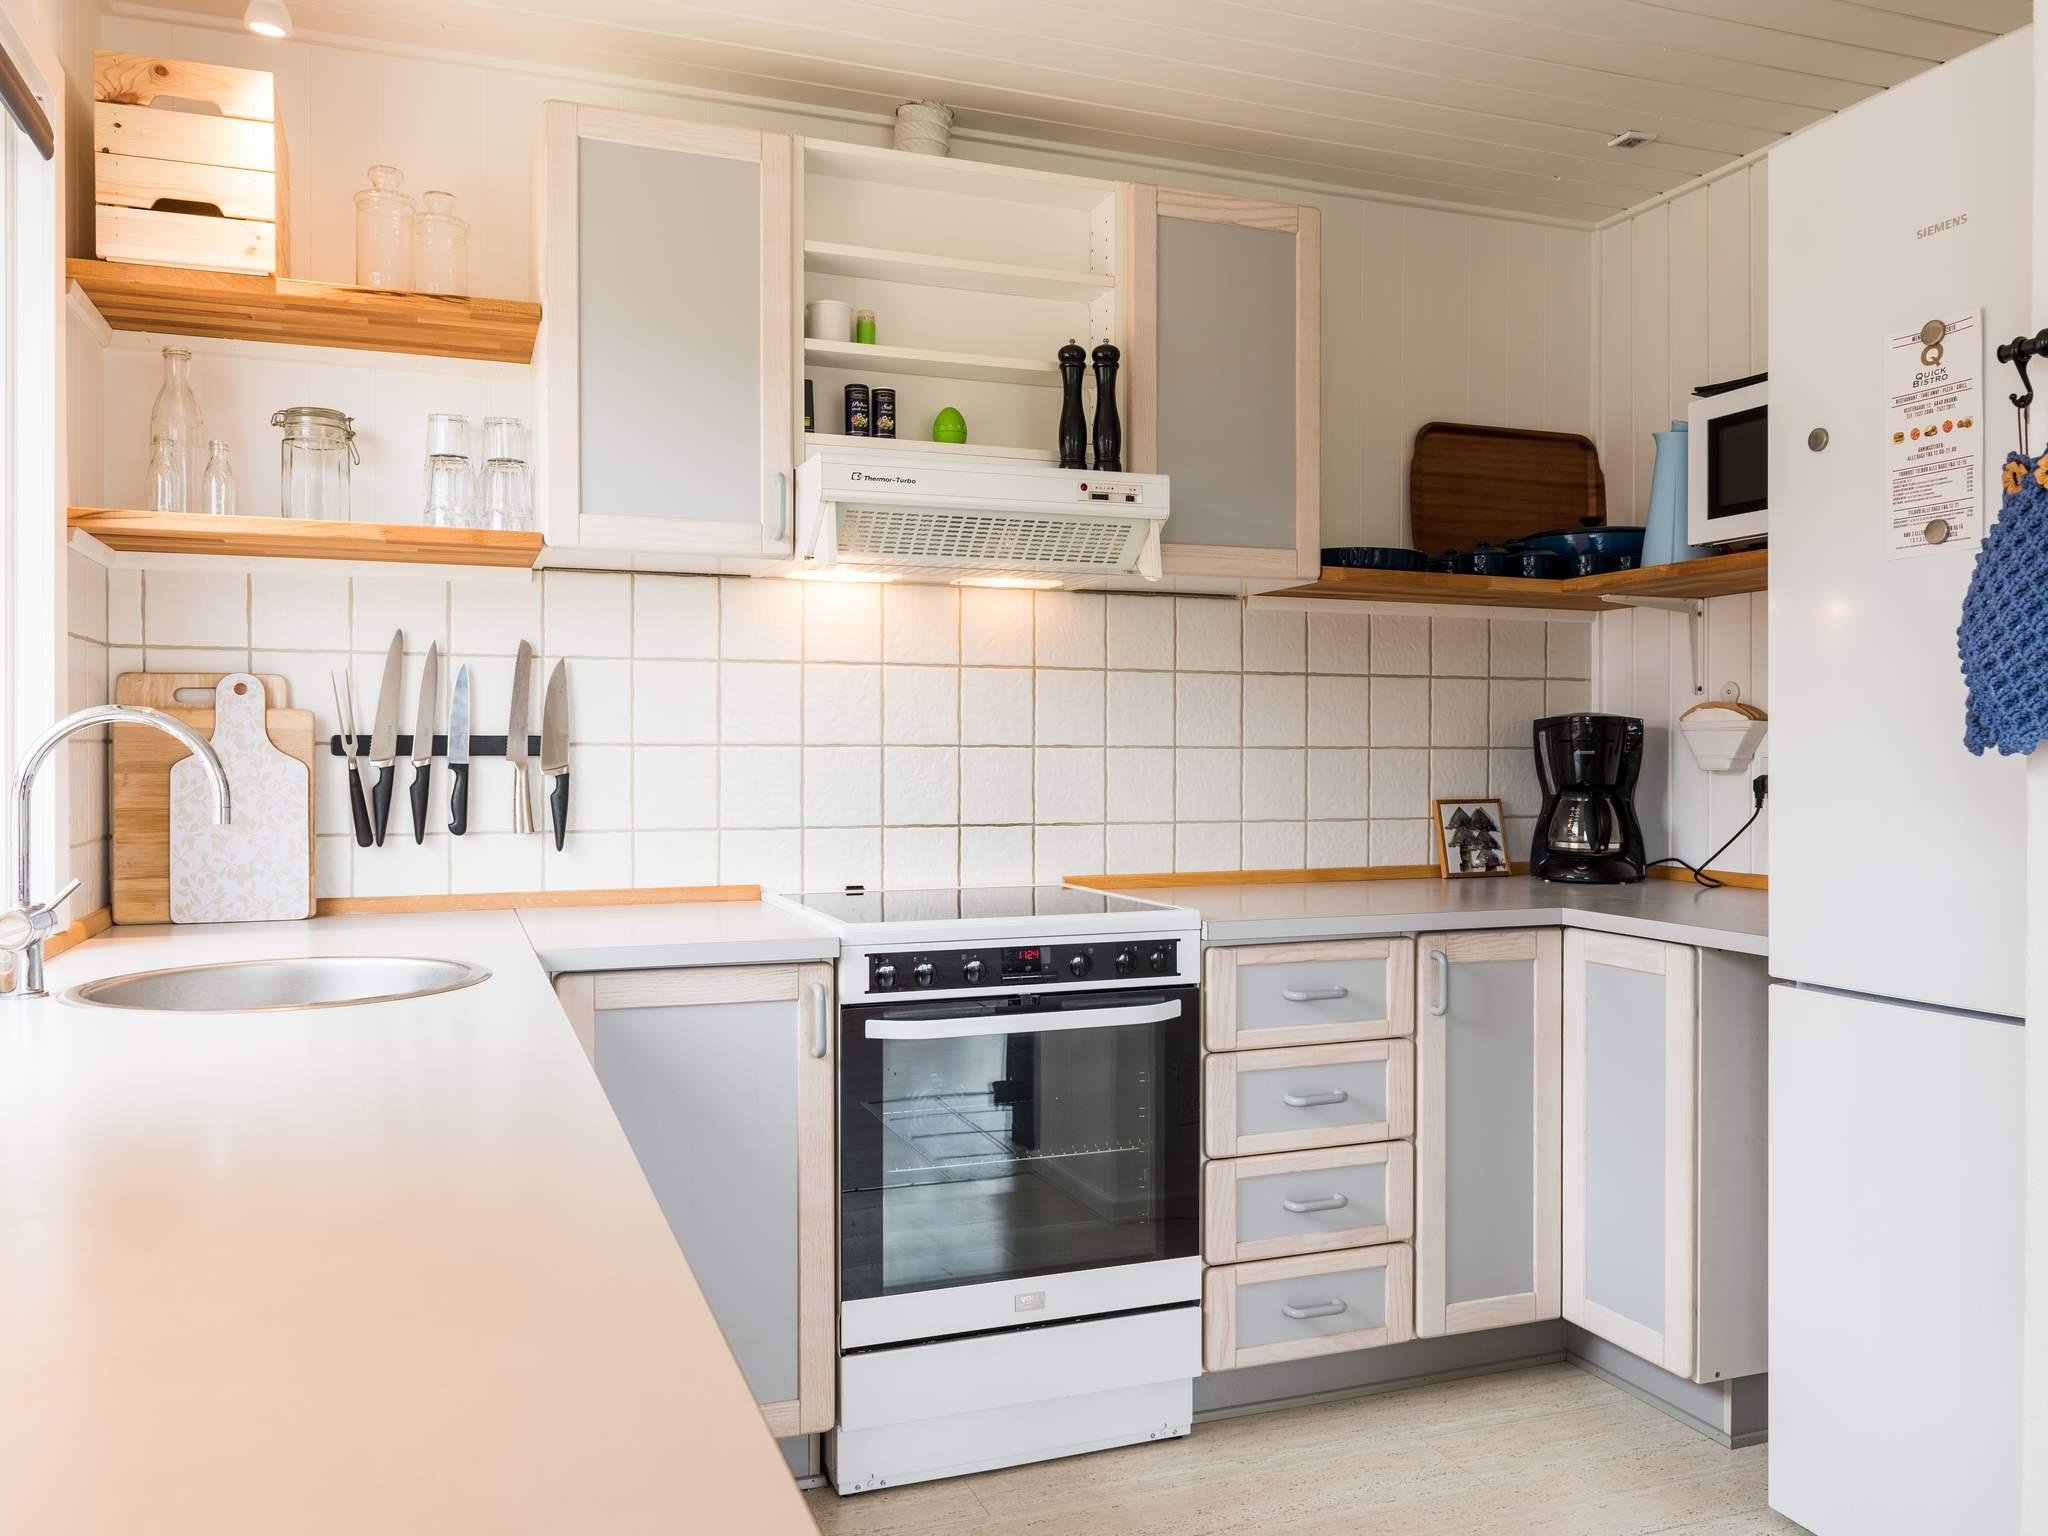 Ferienhaus Grærup (2749653), Grærup, , Westjütland, Dänemark, Bild 9